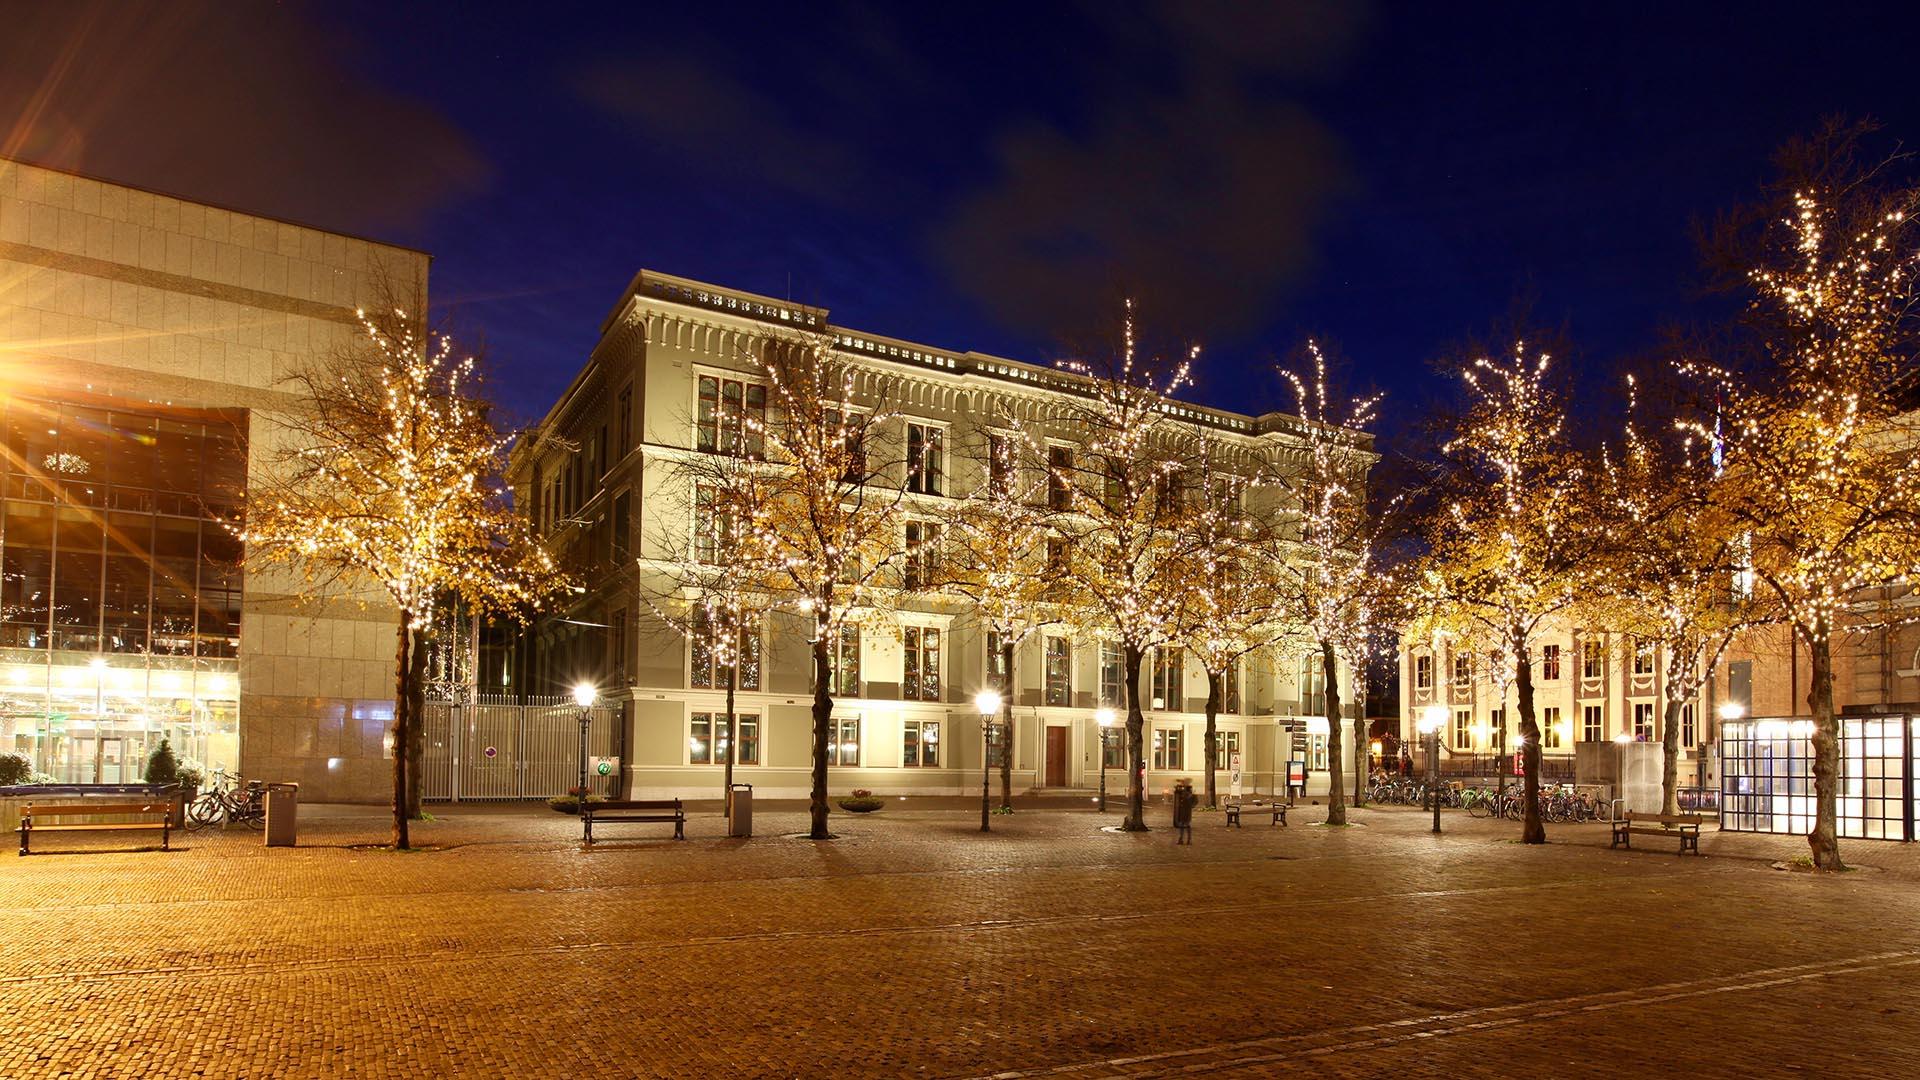 monumentenverlichting Den Haag Plein, lichtontwerp door ipv Delft